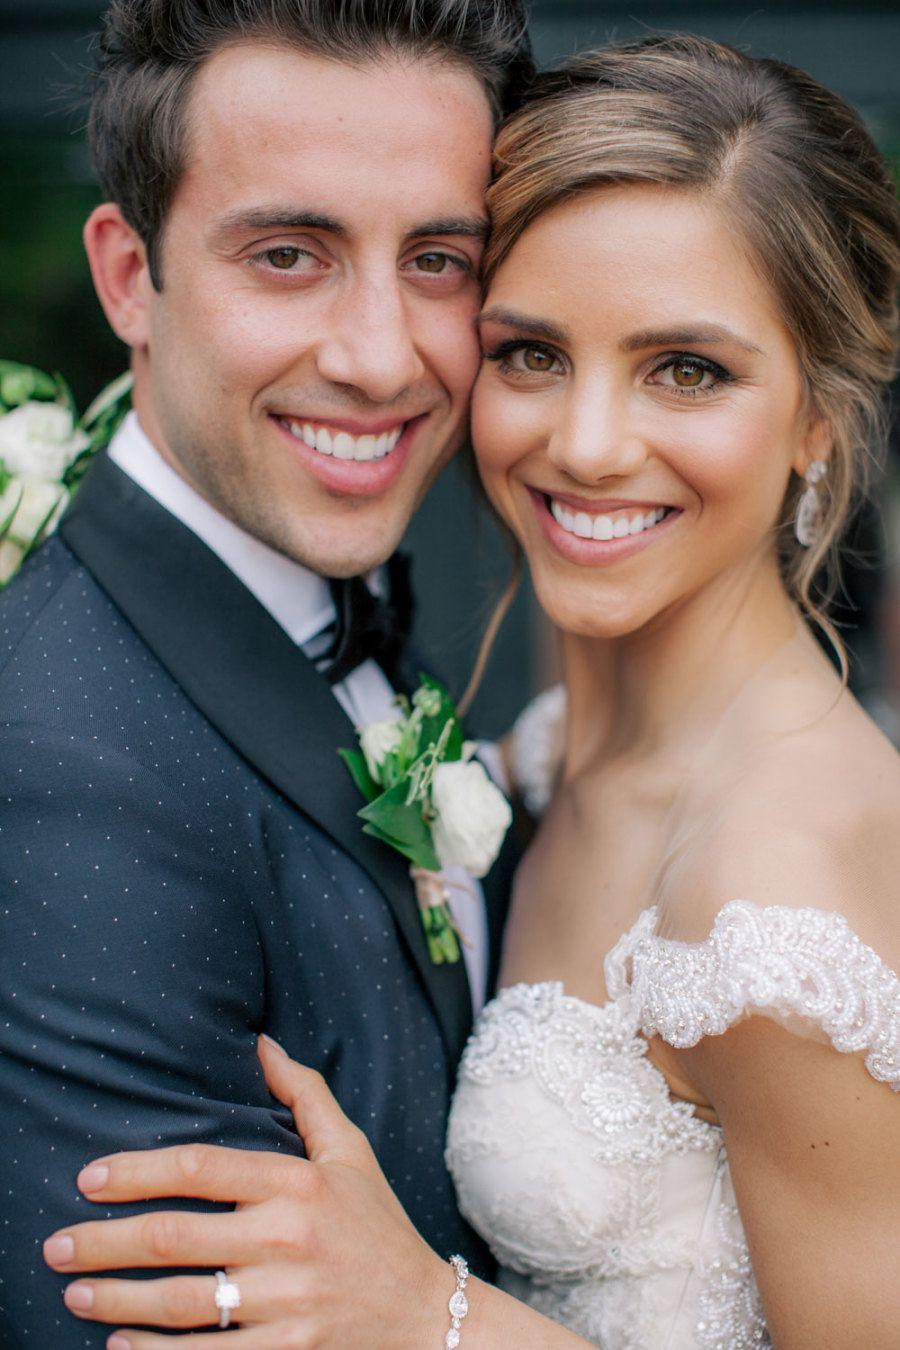 Elegant Yacht Club Wedding with a Dreamy Designer Dress – Boda fotos